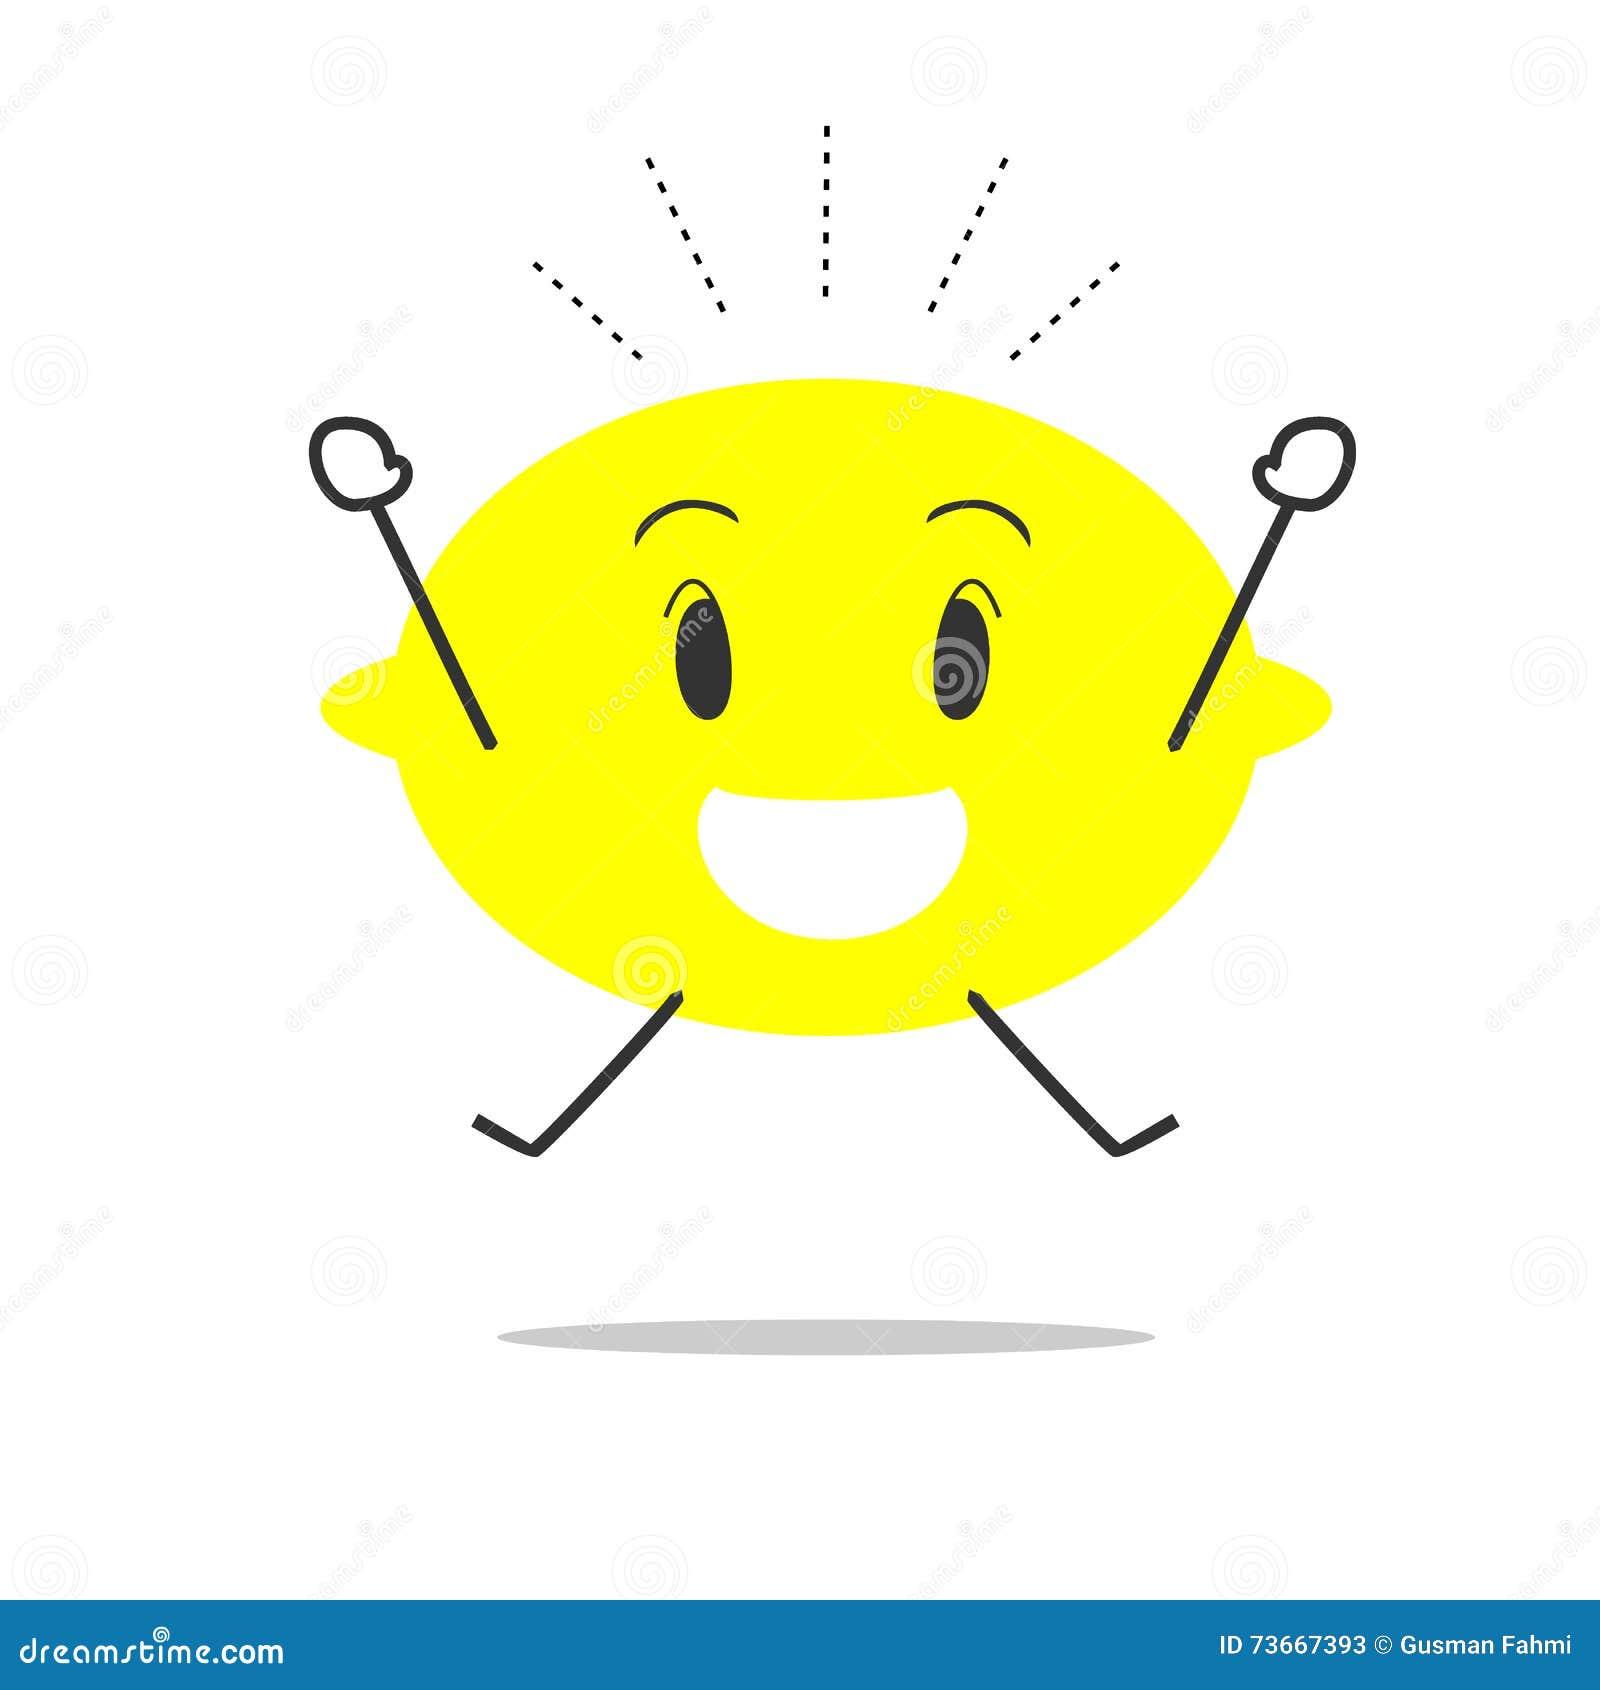 happy lemon simple clean cartoon illustration stock vector image happy lemon simple clean cartoon illustration